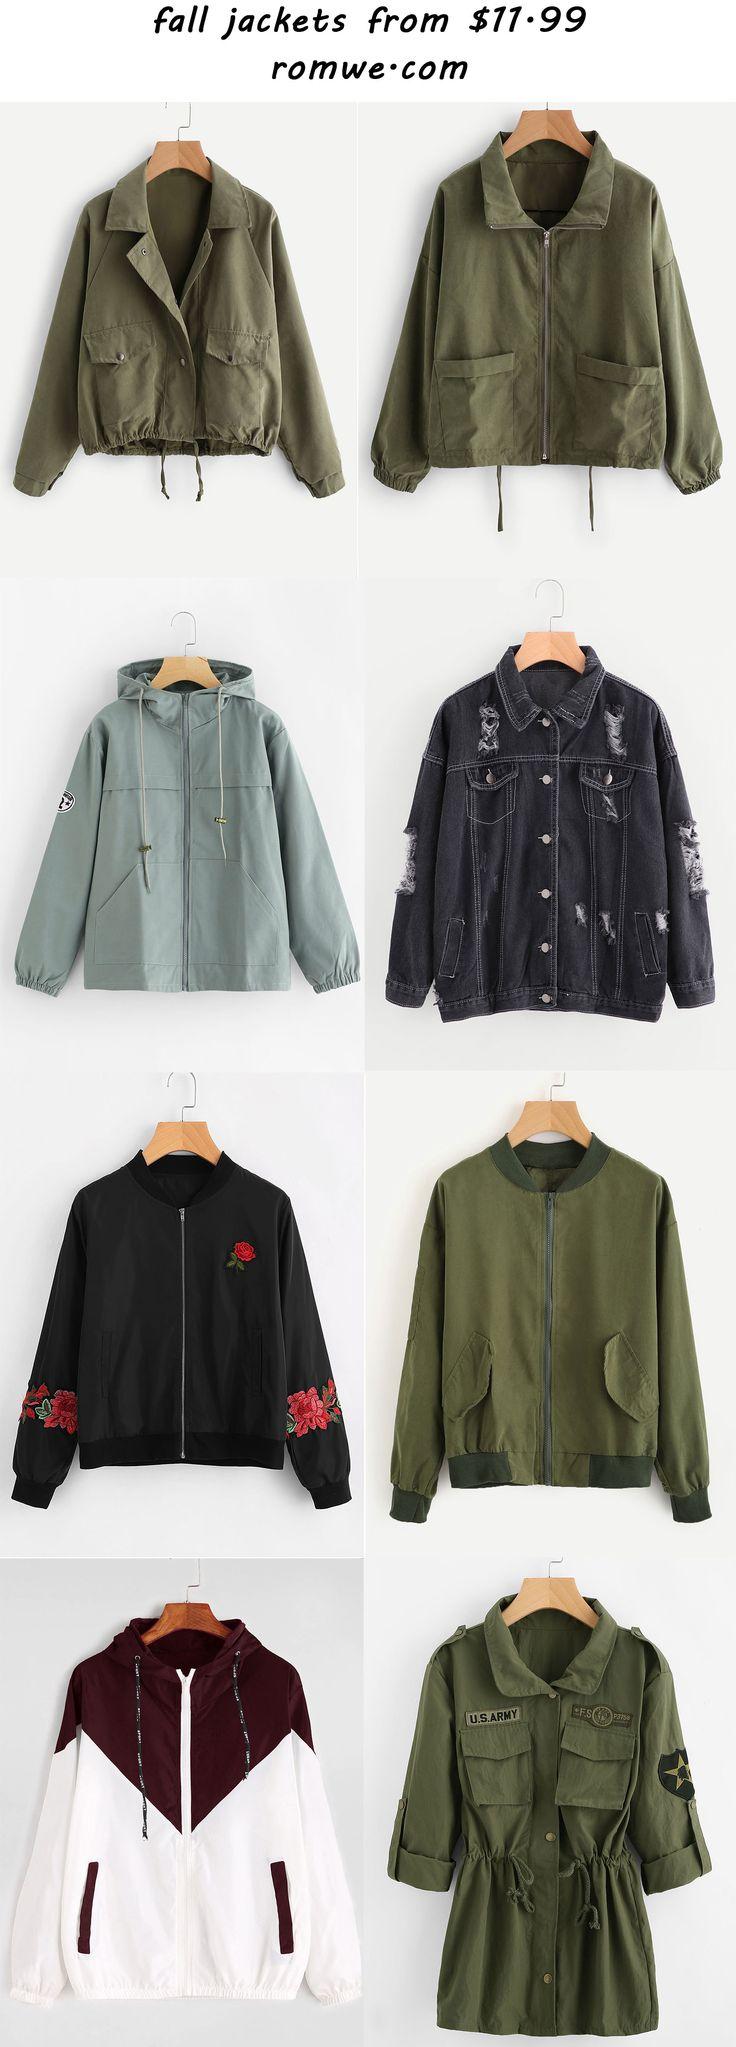 fall jackets 2017 - romwe.com